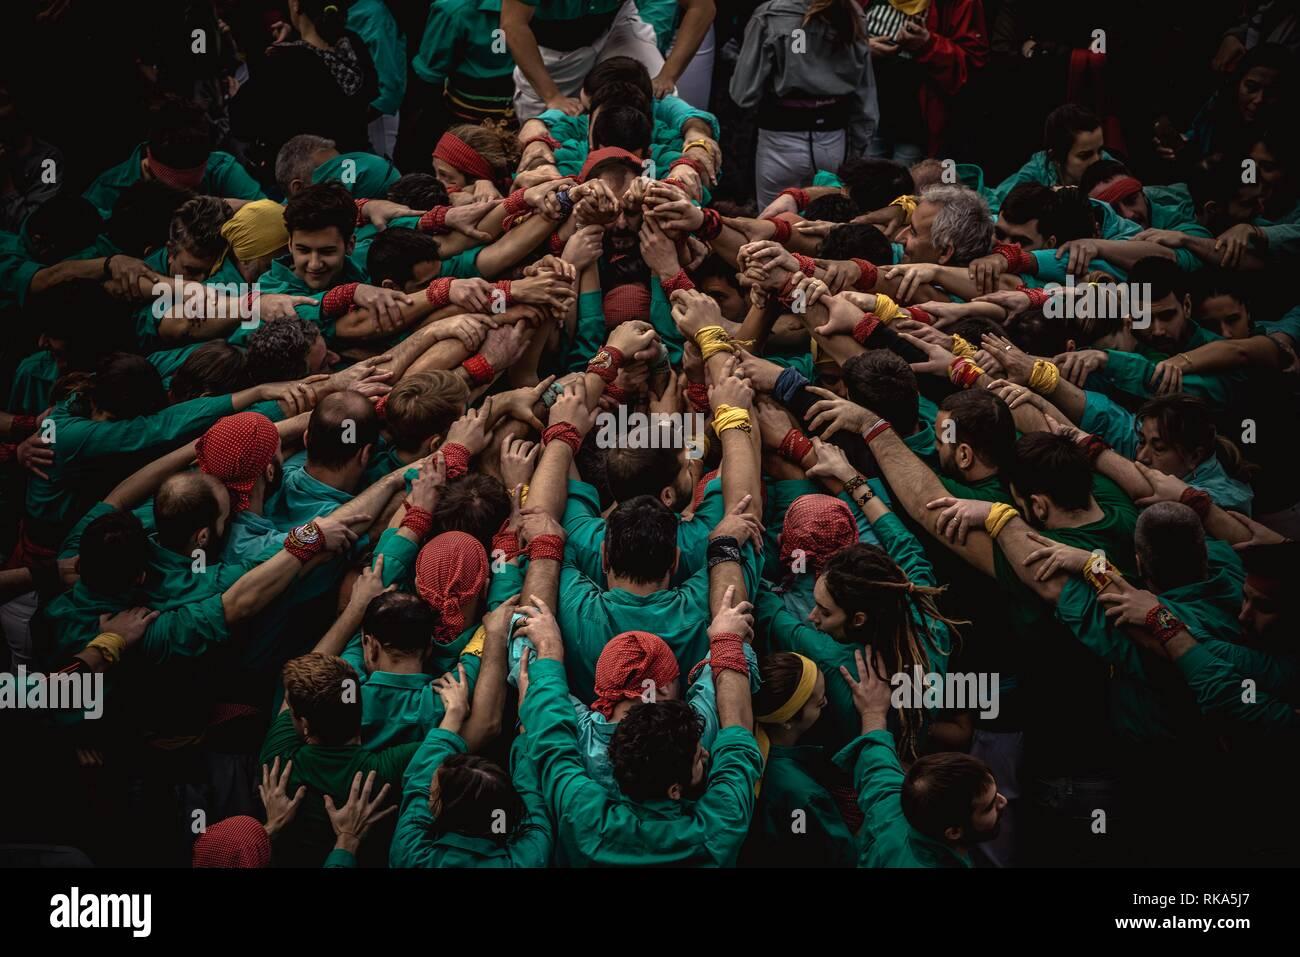 """Barcelone, Espagne. Février 10, 2019: Le """"Castellers de la Sagrada Familia se rassemblent pour former la base d'une tour humaine au cours du festival de la ville de Barcelone d'hiver santa Eulalia' Credit: Matthias Rickenbach/Alamy Live News Photo Stock"""